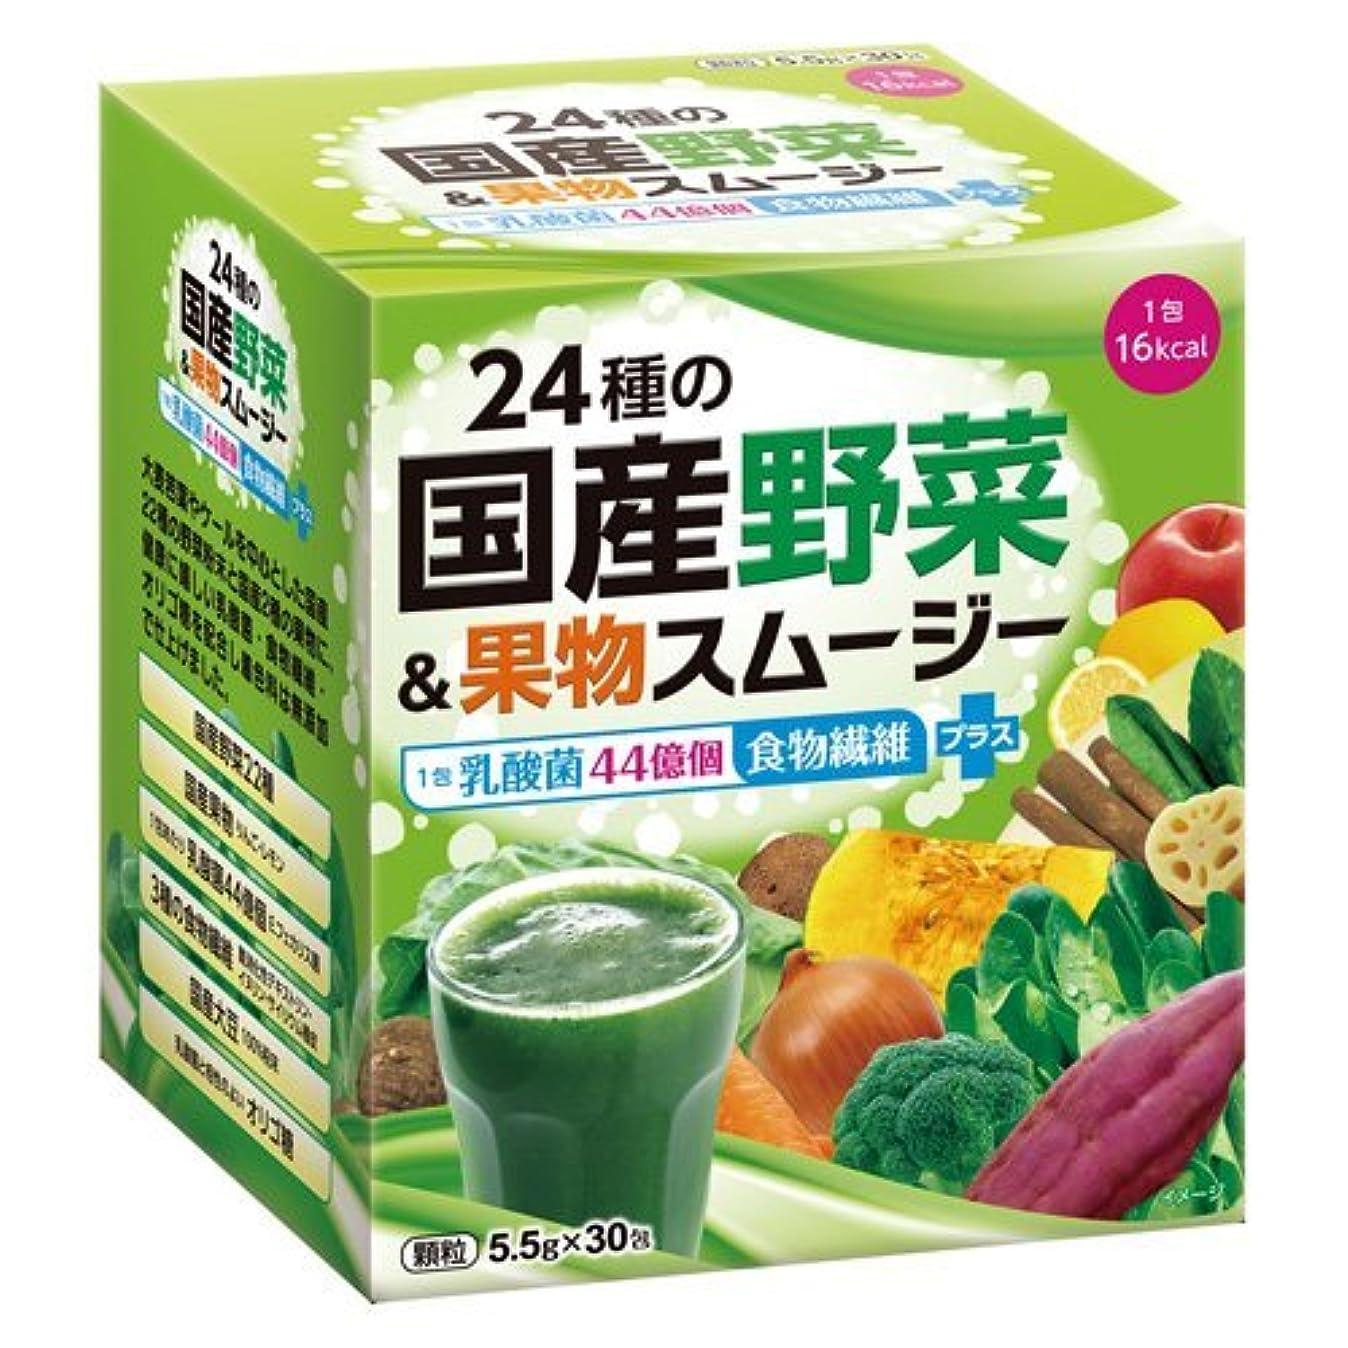 奪う保存重要性24種の国産野菜&果物スムージー 165g(5.5g×30包)